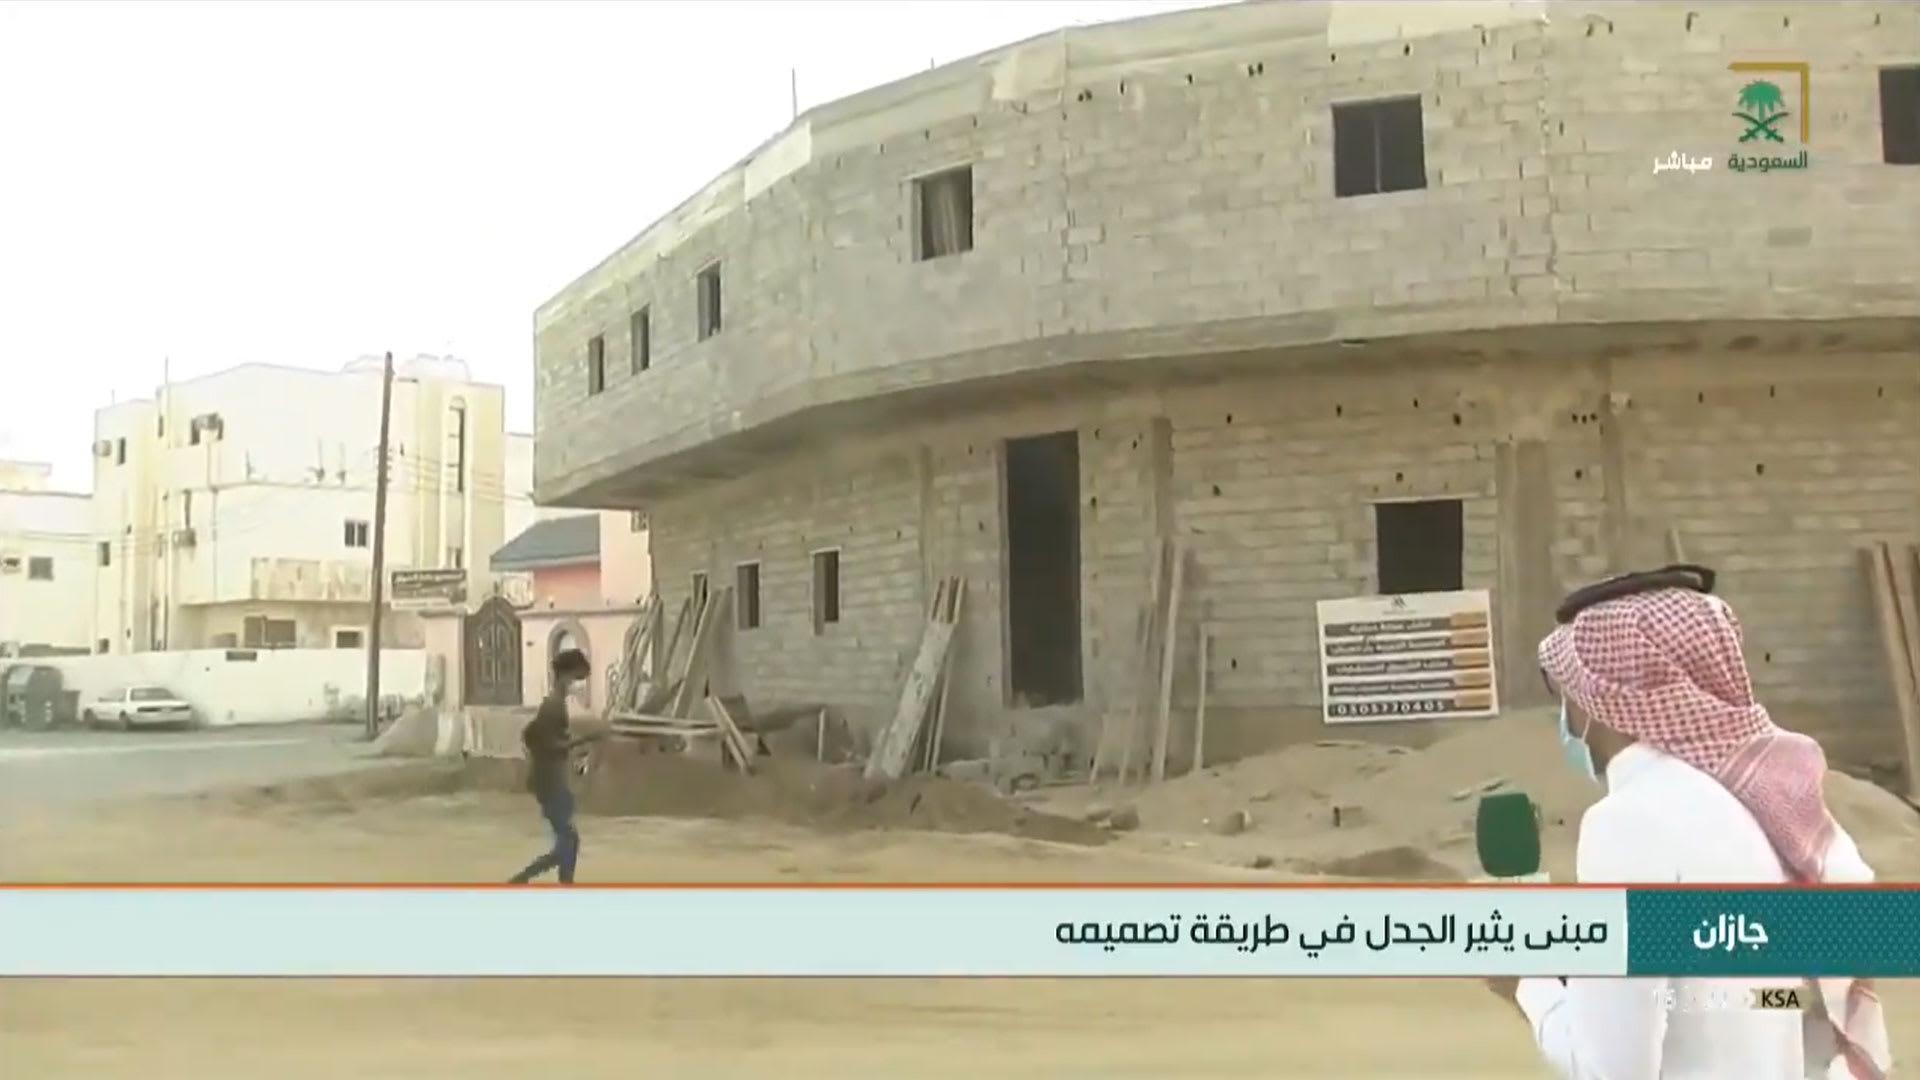 مبنى جمعية البر في أبوعريش